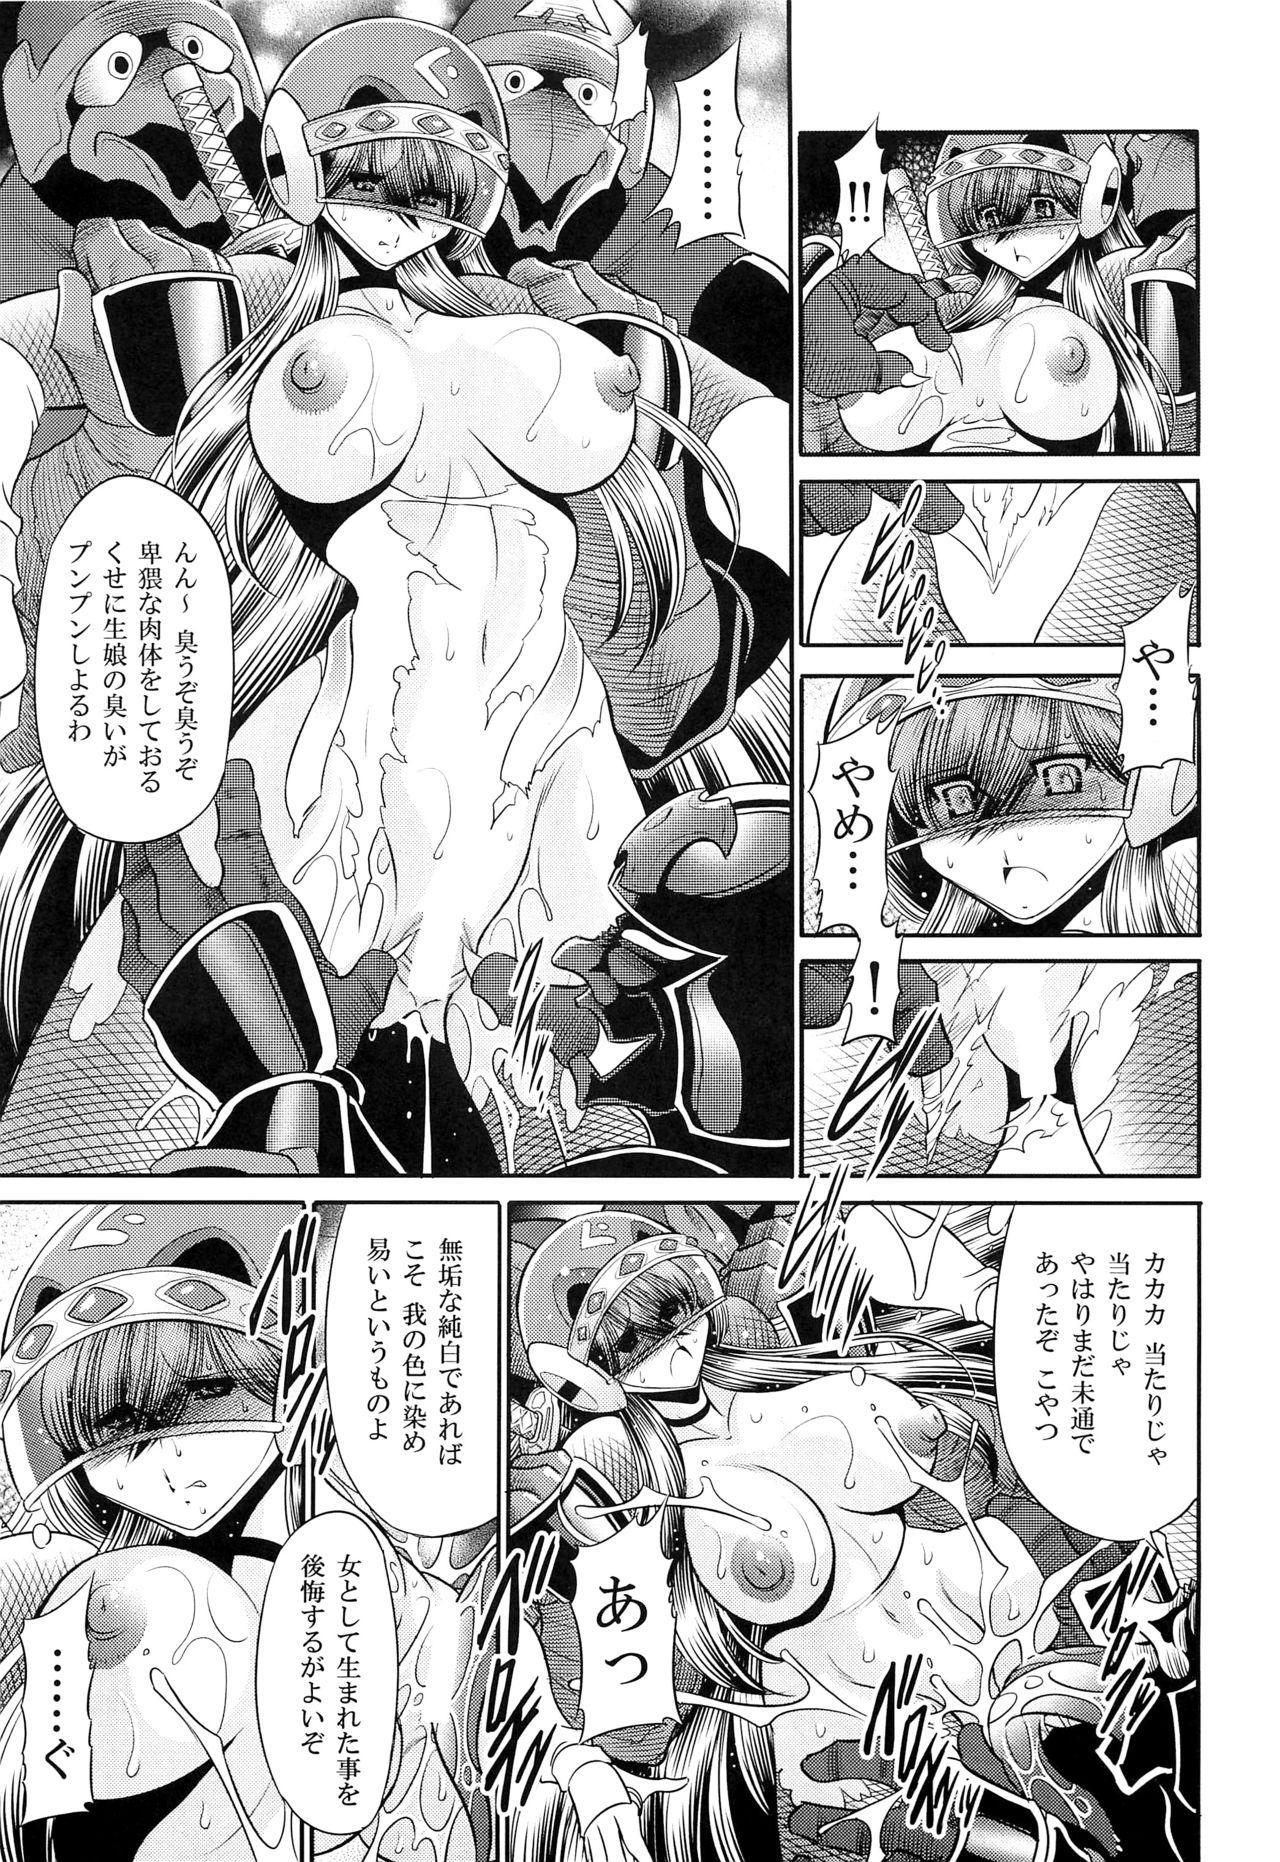 Himenin Hana Fubuki 35